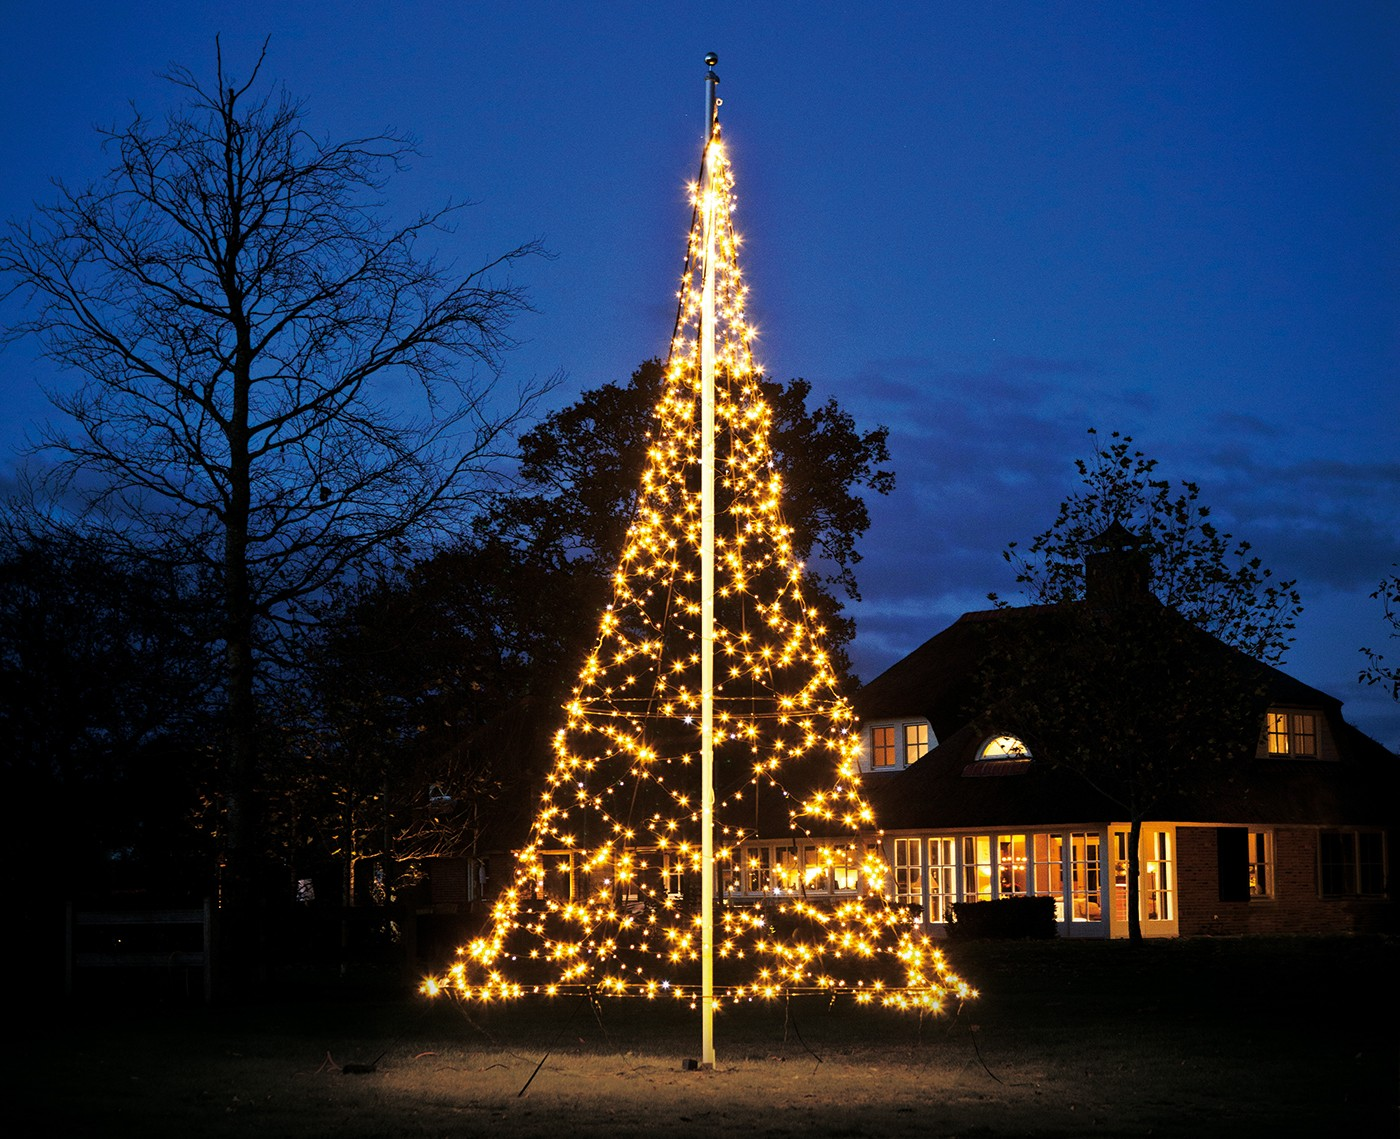 Vlaggenmast kerstboom kopen? Kies voor Fairybell